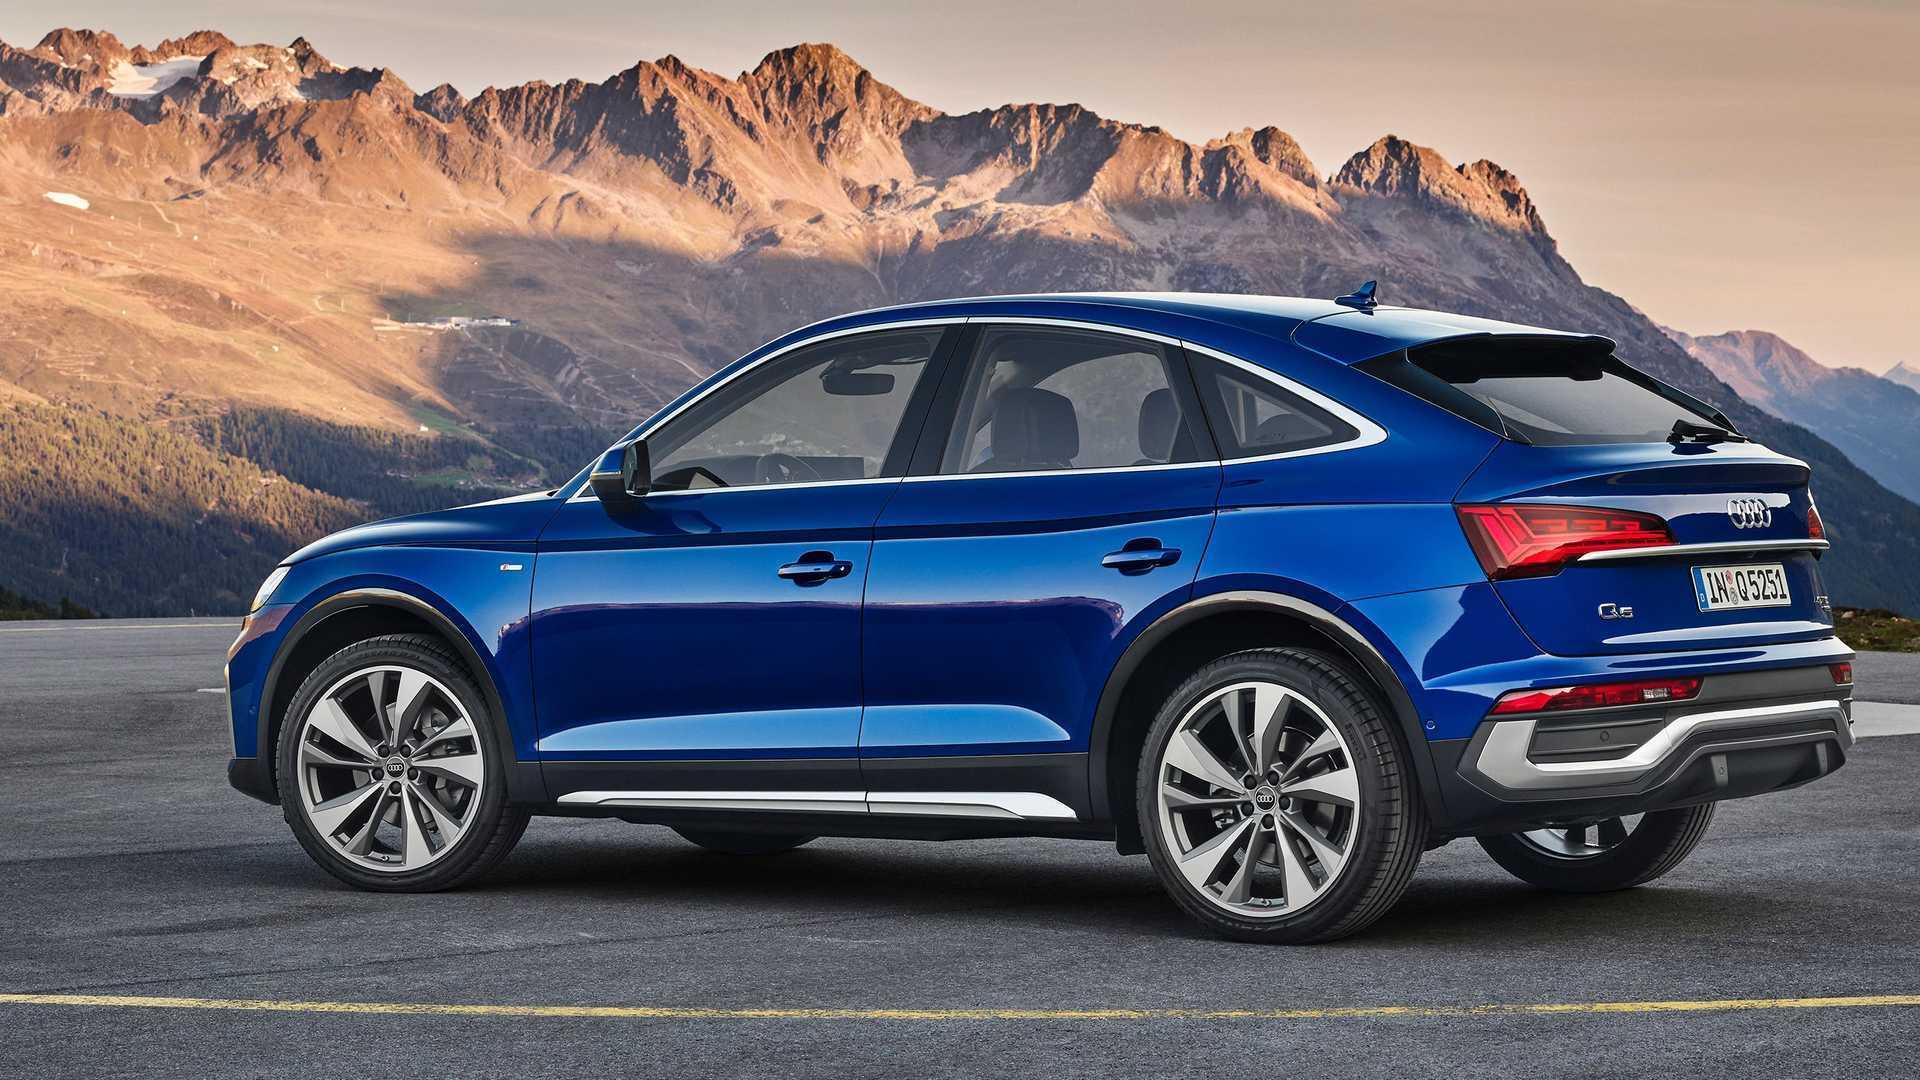 Audi Q5 Sportback: Coupéhafte Version startet im ersten Halbjahr 2021